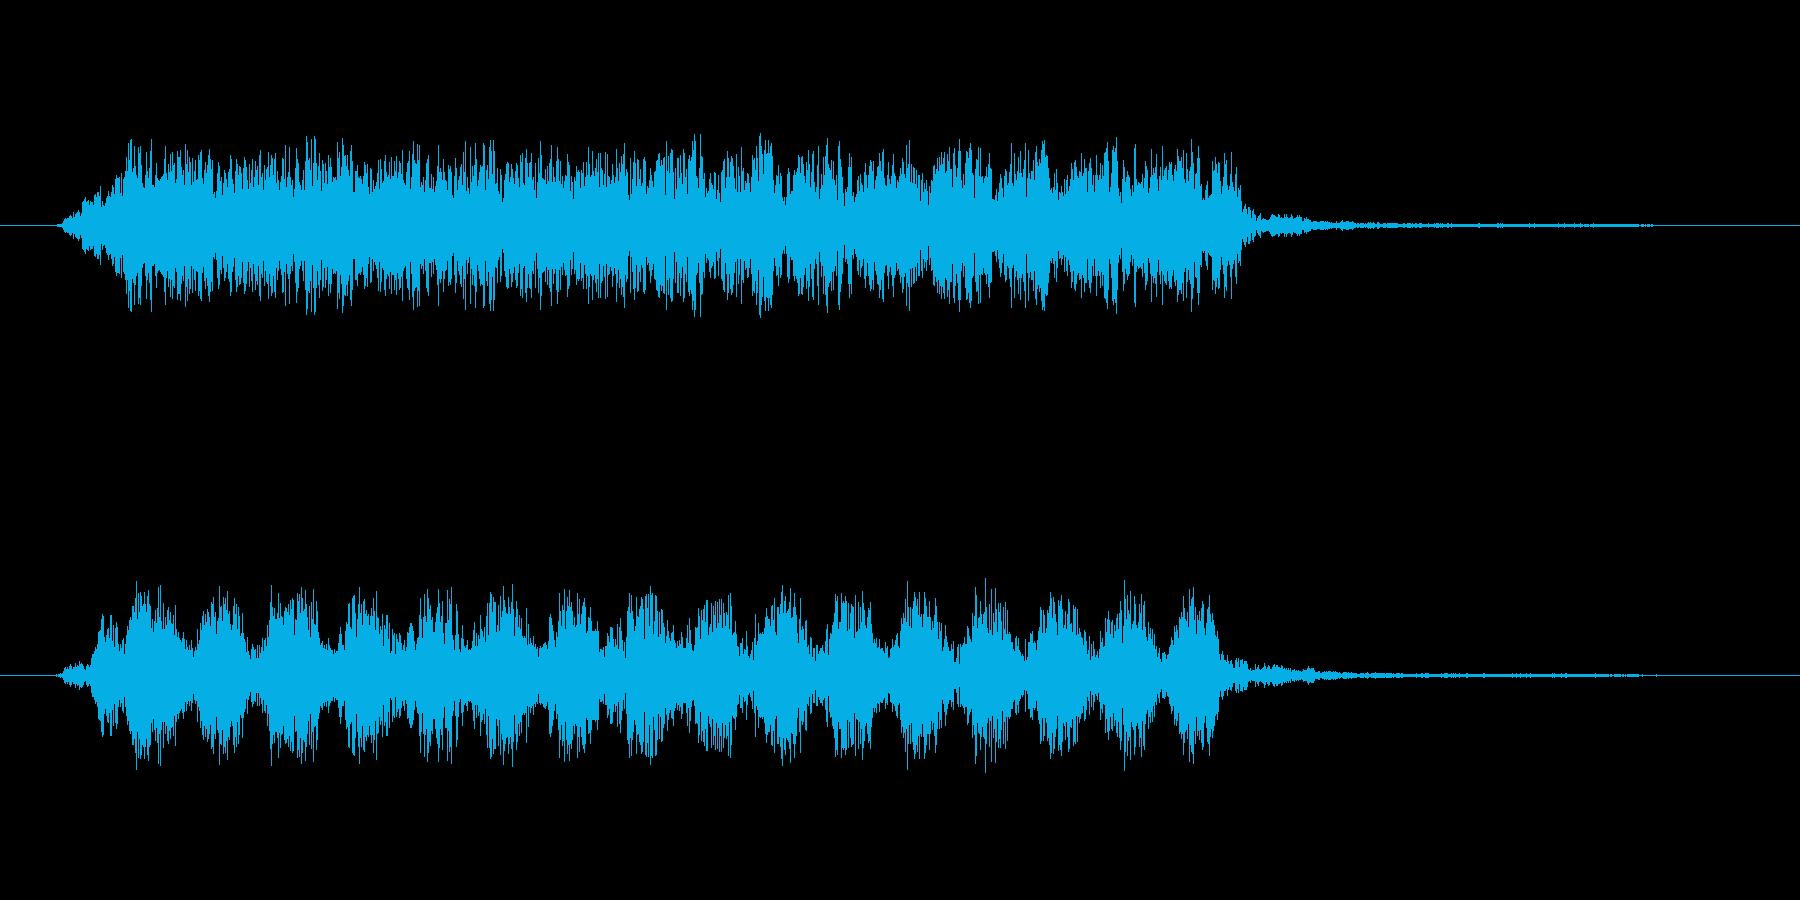 【チキチキ】PC風の文字がでる時等にの再生済みの波形